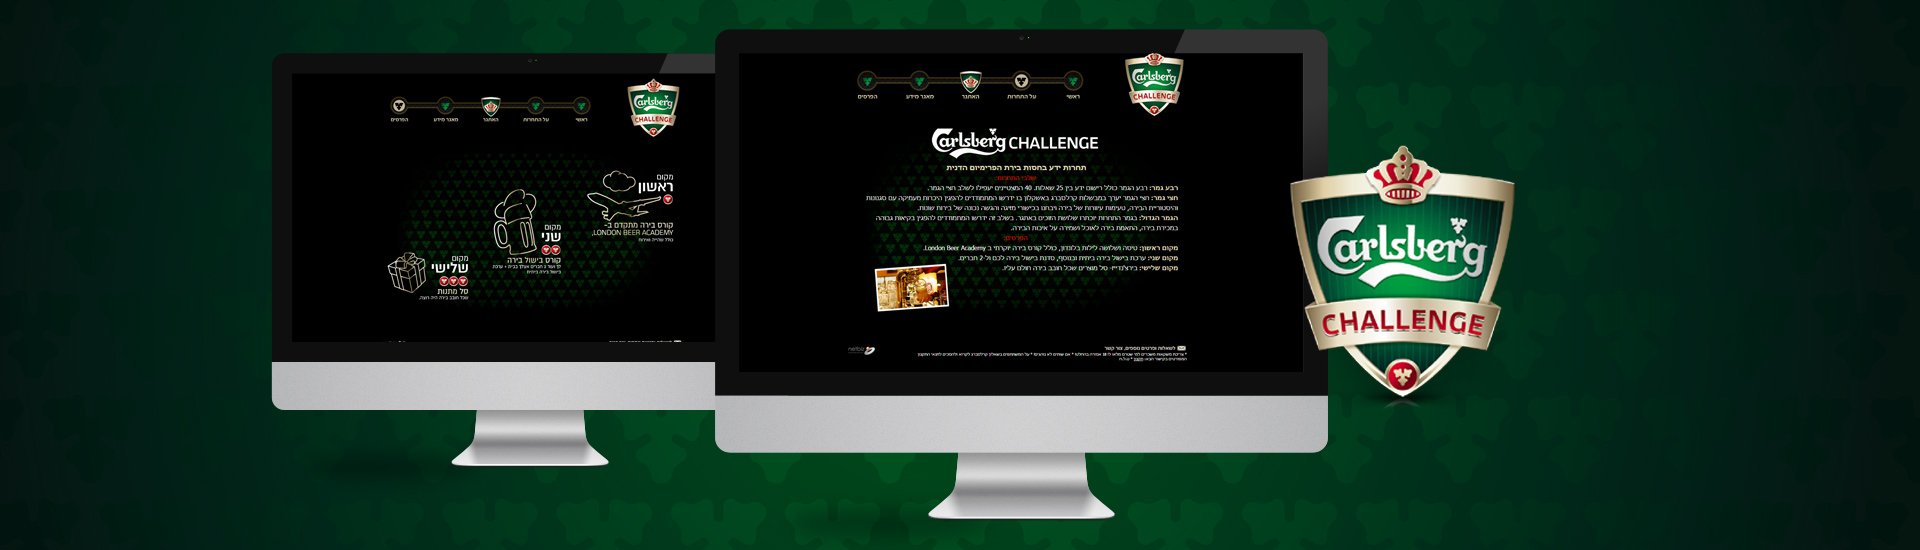 בניית אתר אינטרנט עבור קארלסברג - תצוגת מחשב